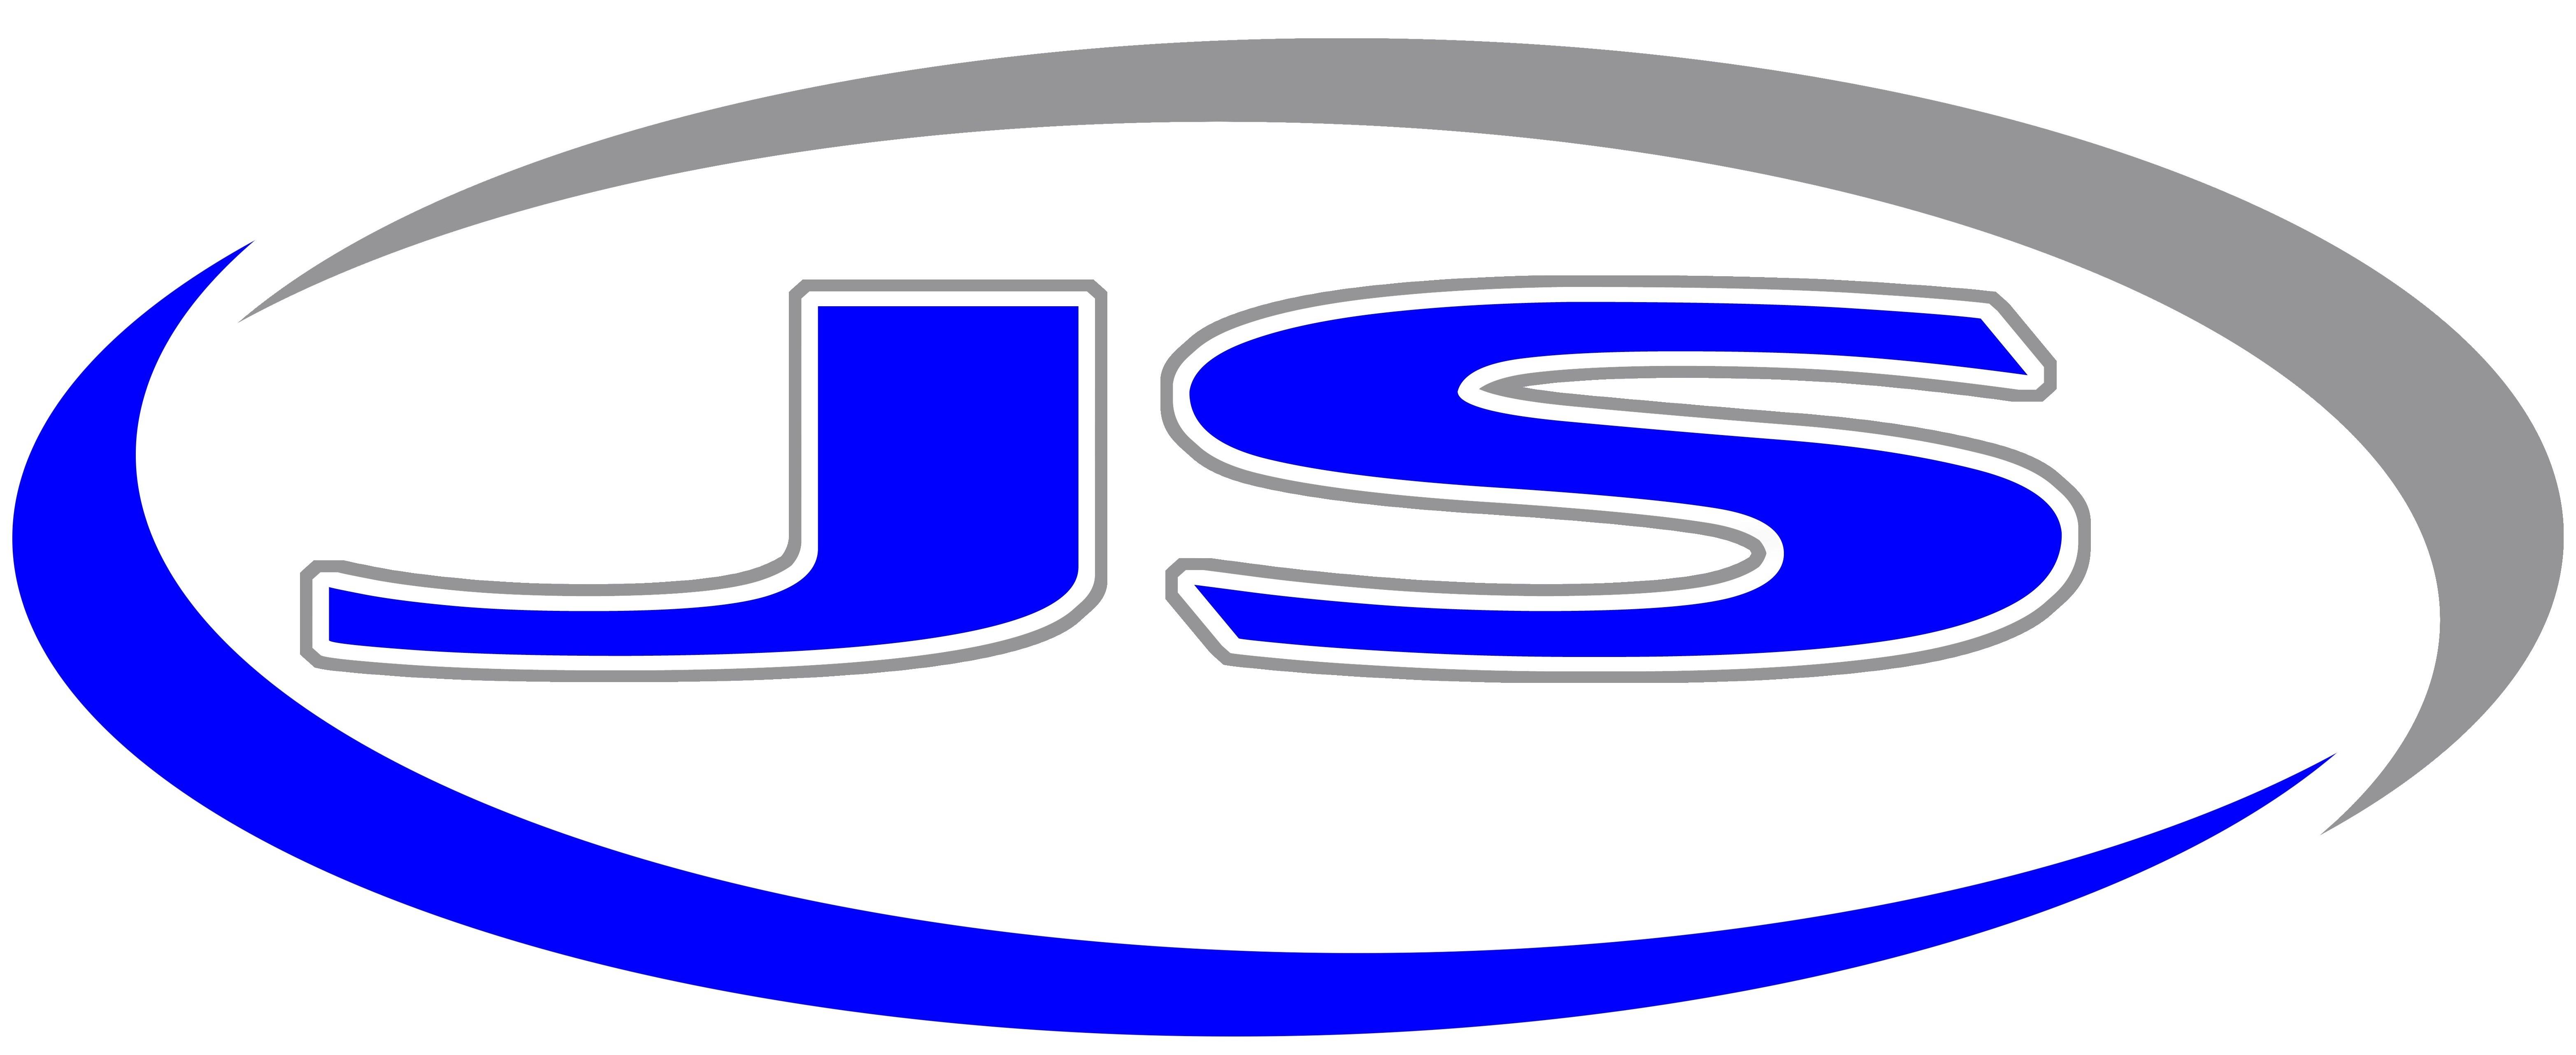 JS Appliance Repair Service LLC